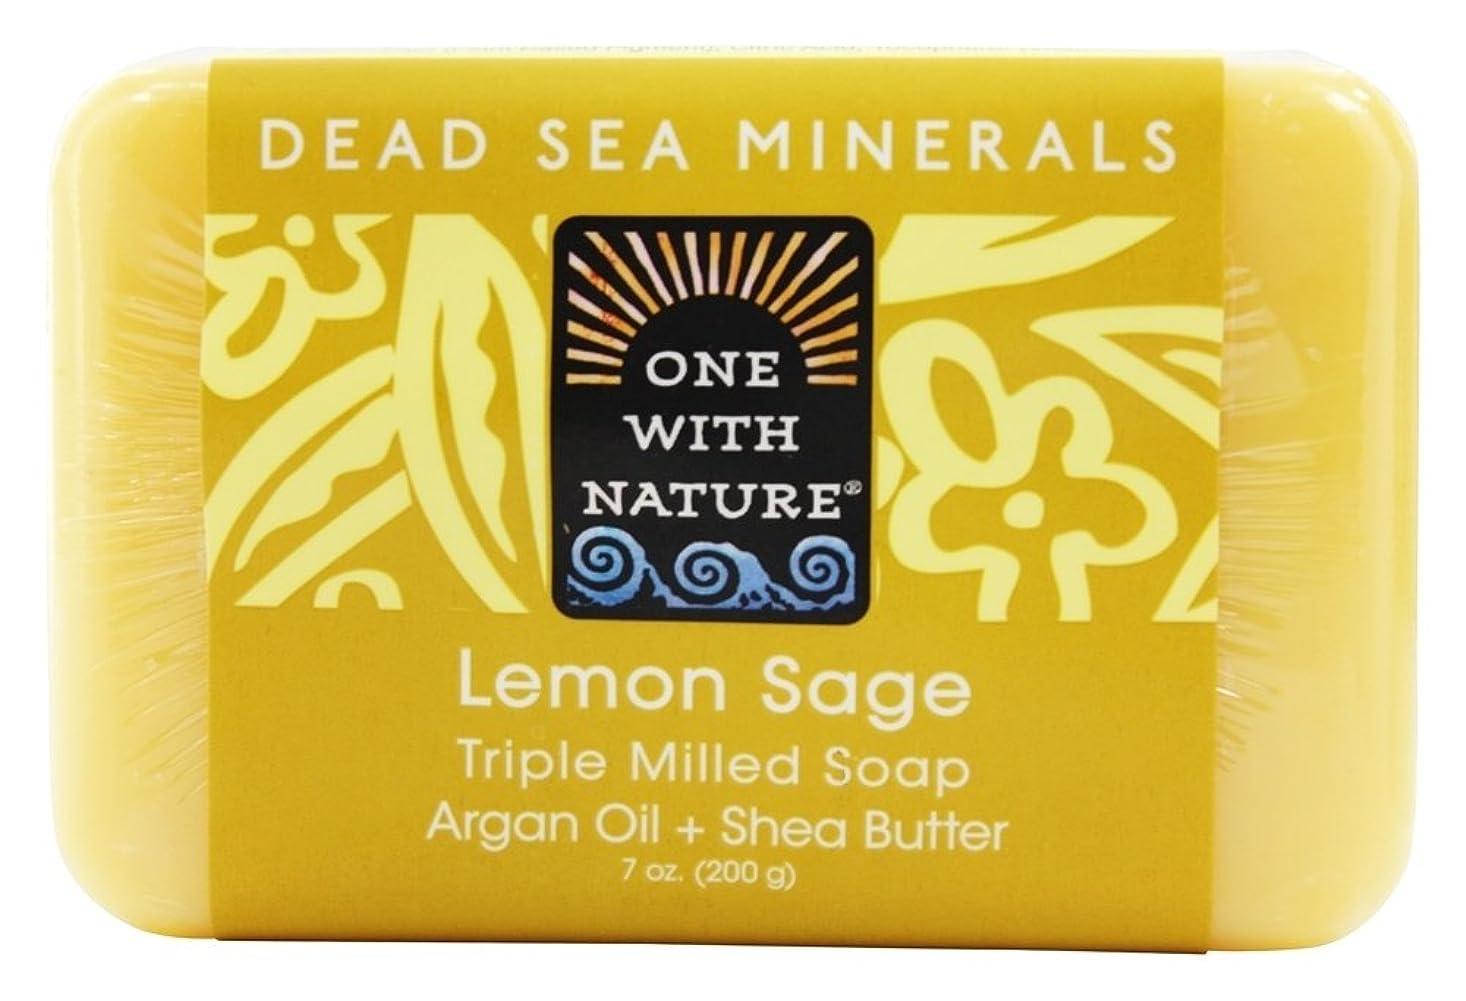 アレルギー性標準珍味One With Nature - 死んだ海ミネラル バー石鹸穏やかな角質除去レモン セージ - 7ポンド [並行輸入品]